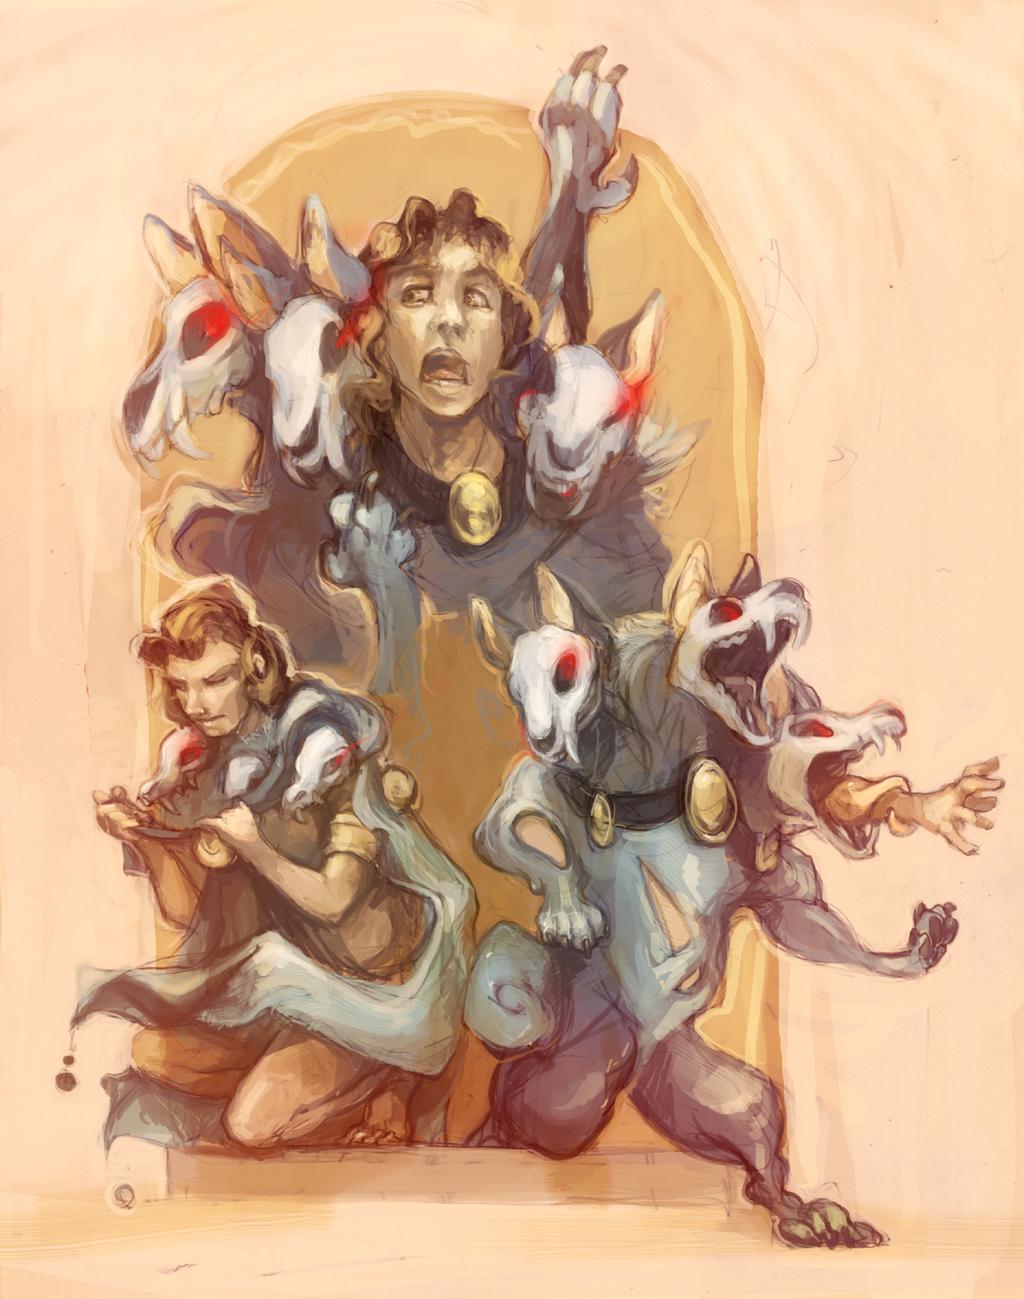 Most recent image: Com: Three Headed Evils